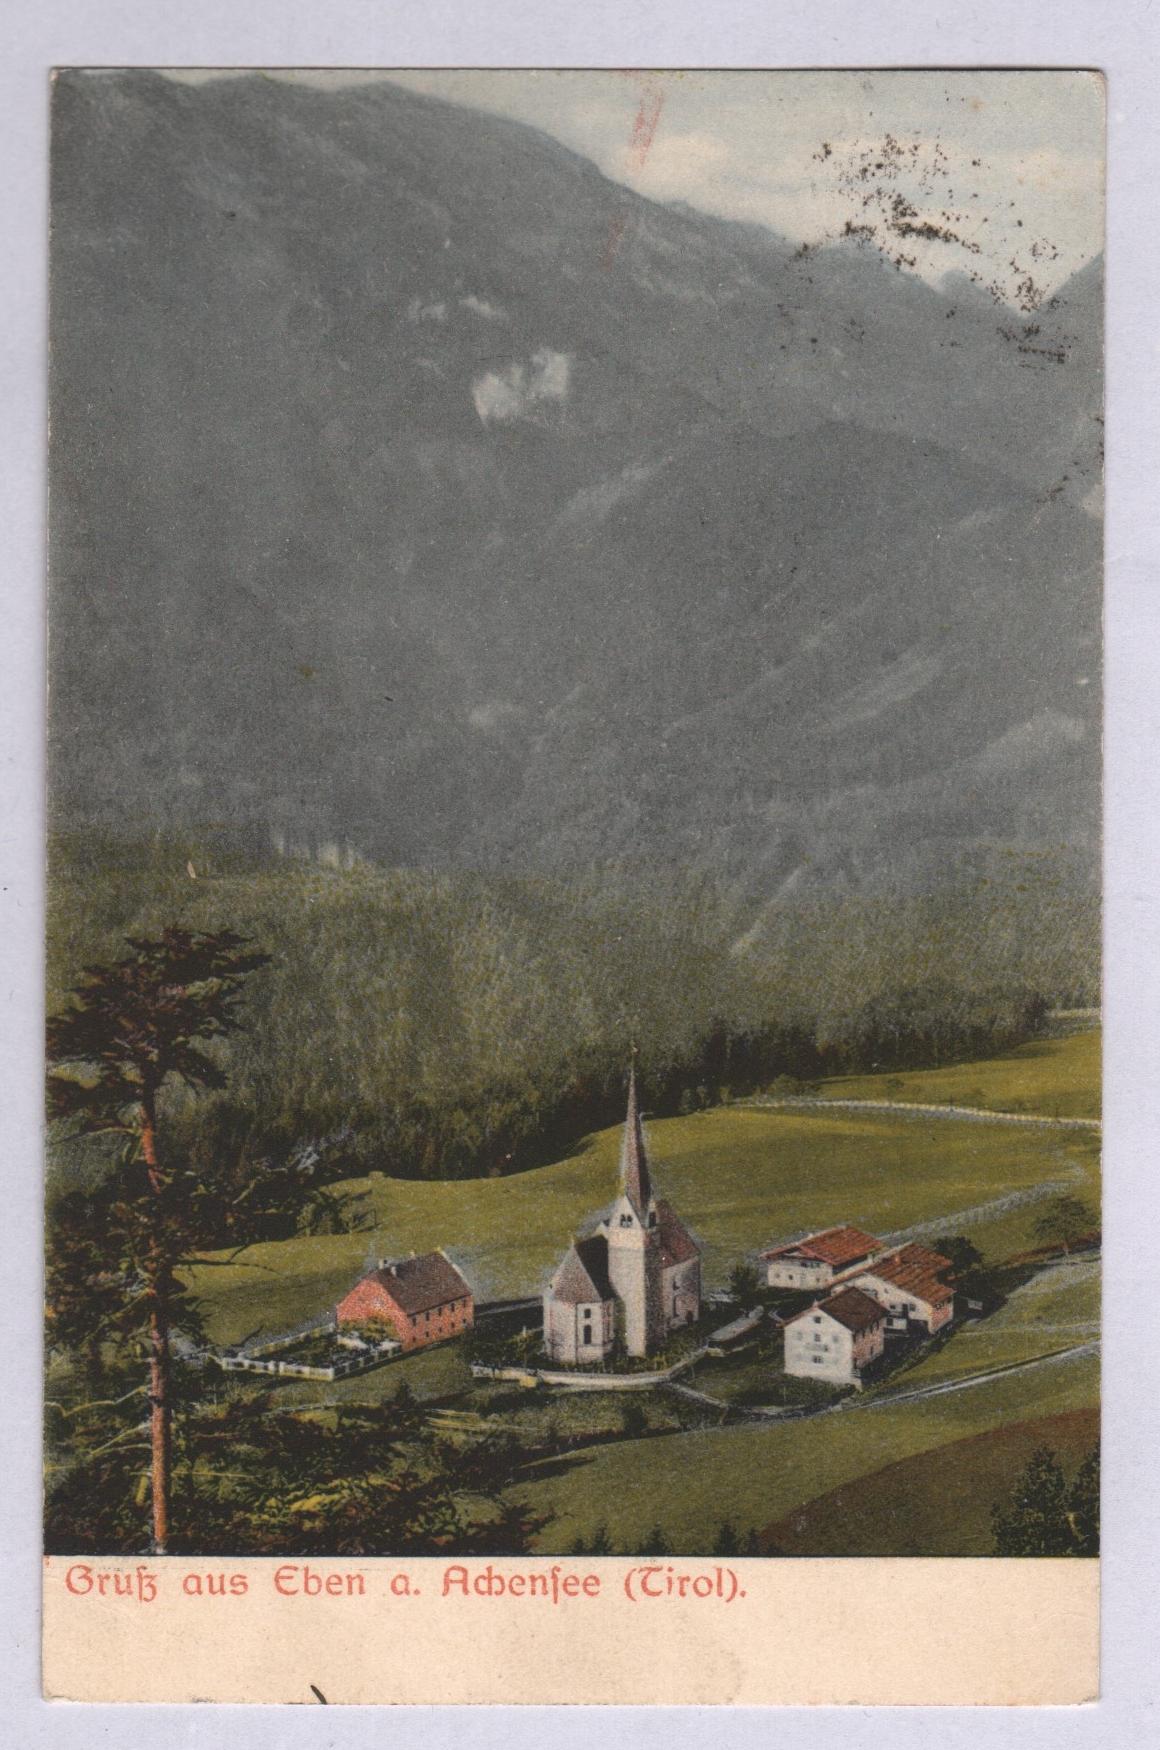 Eben Kirche